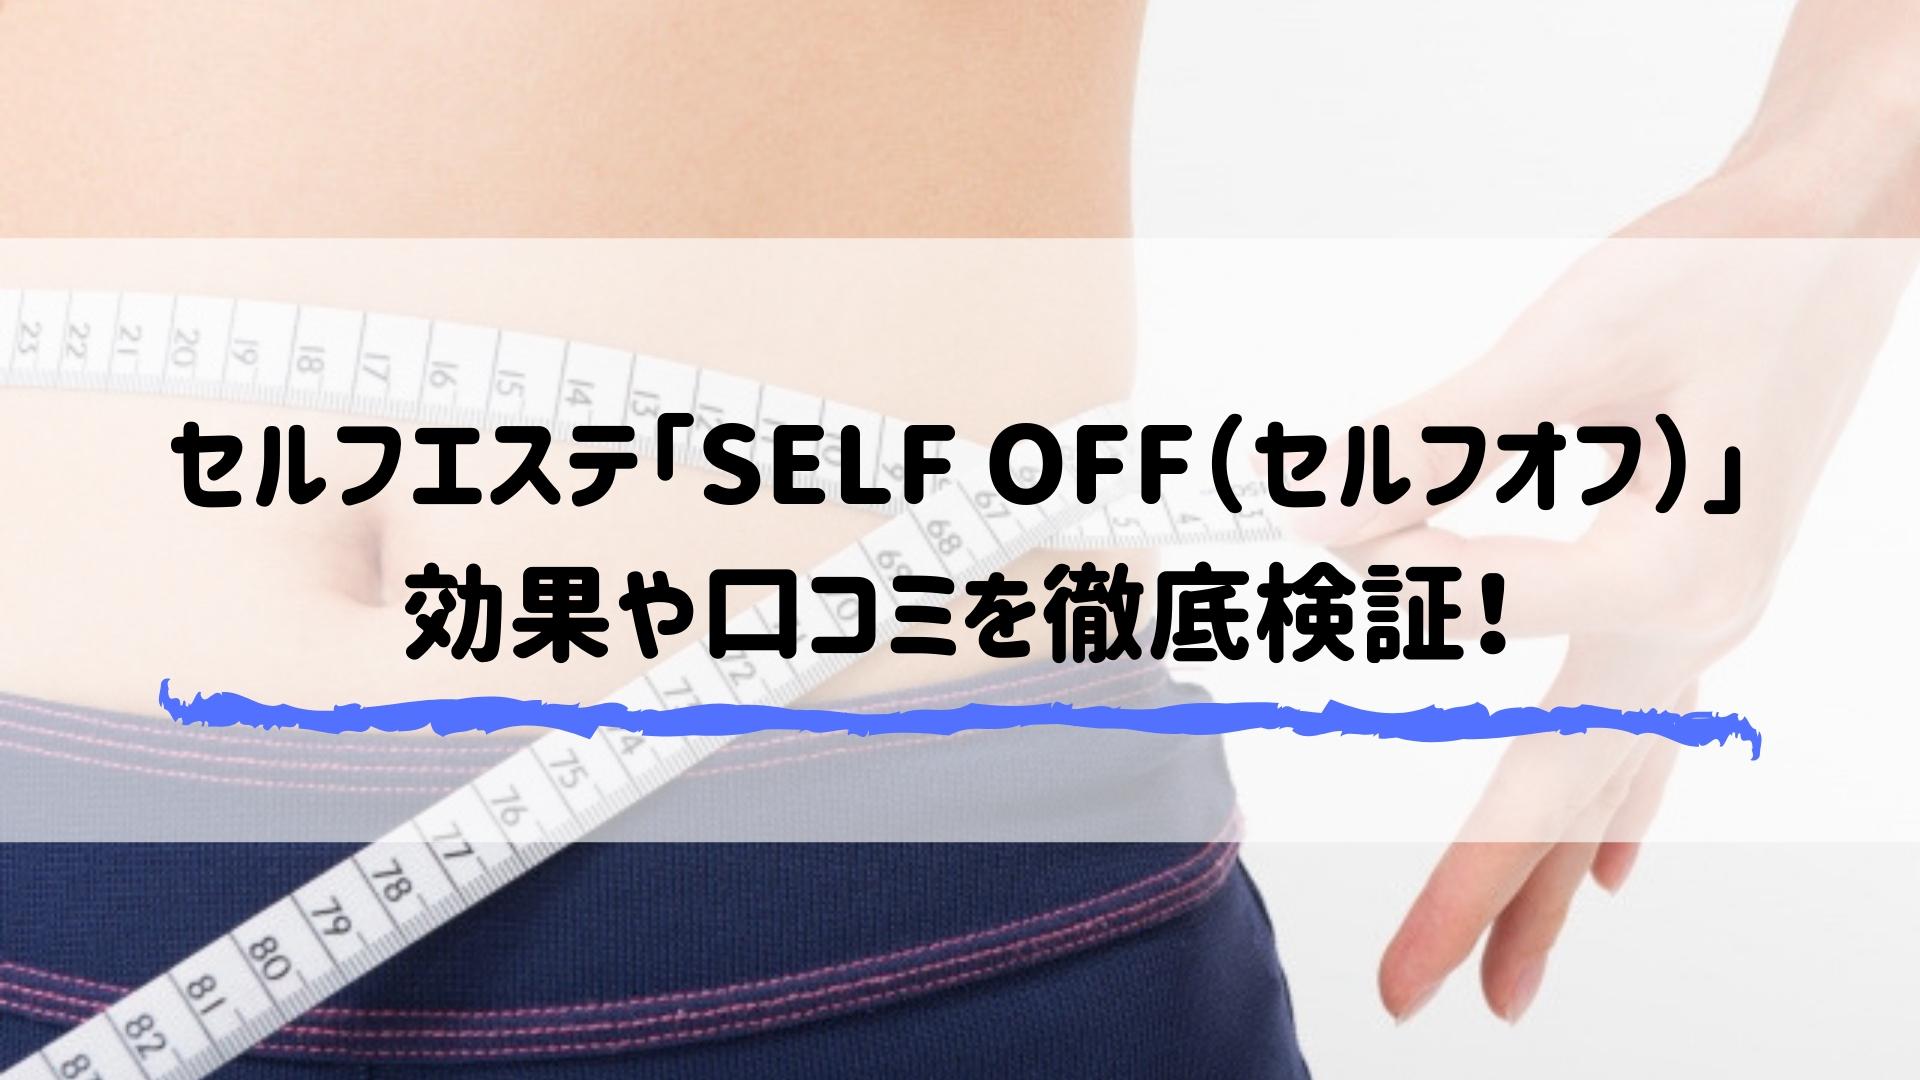 セルフエステ「SELF OFF(セルフオフ)」 効果や口コミを徹底検証!